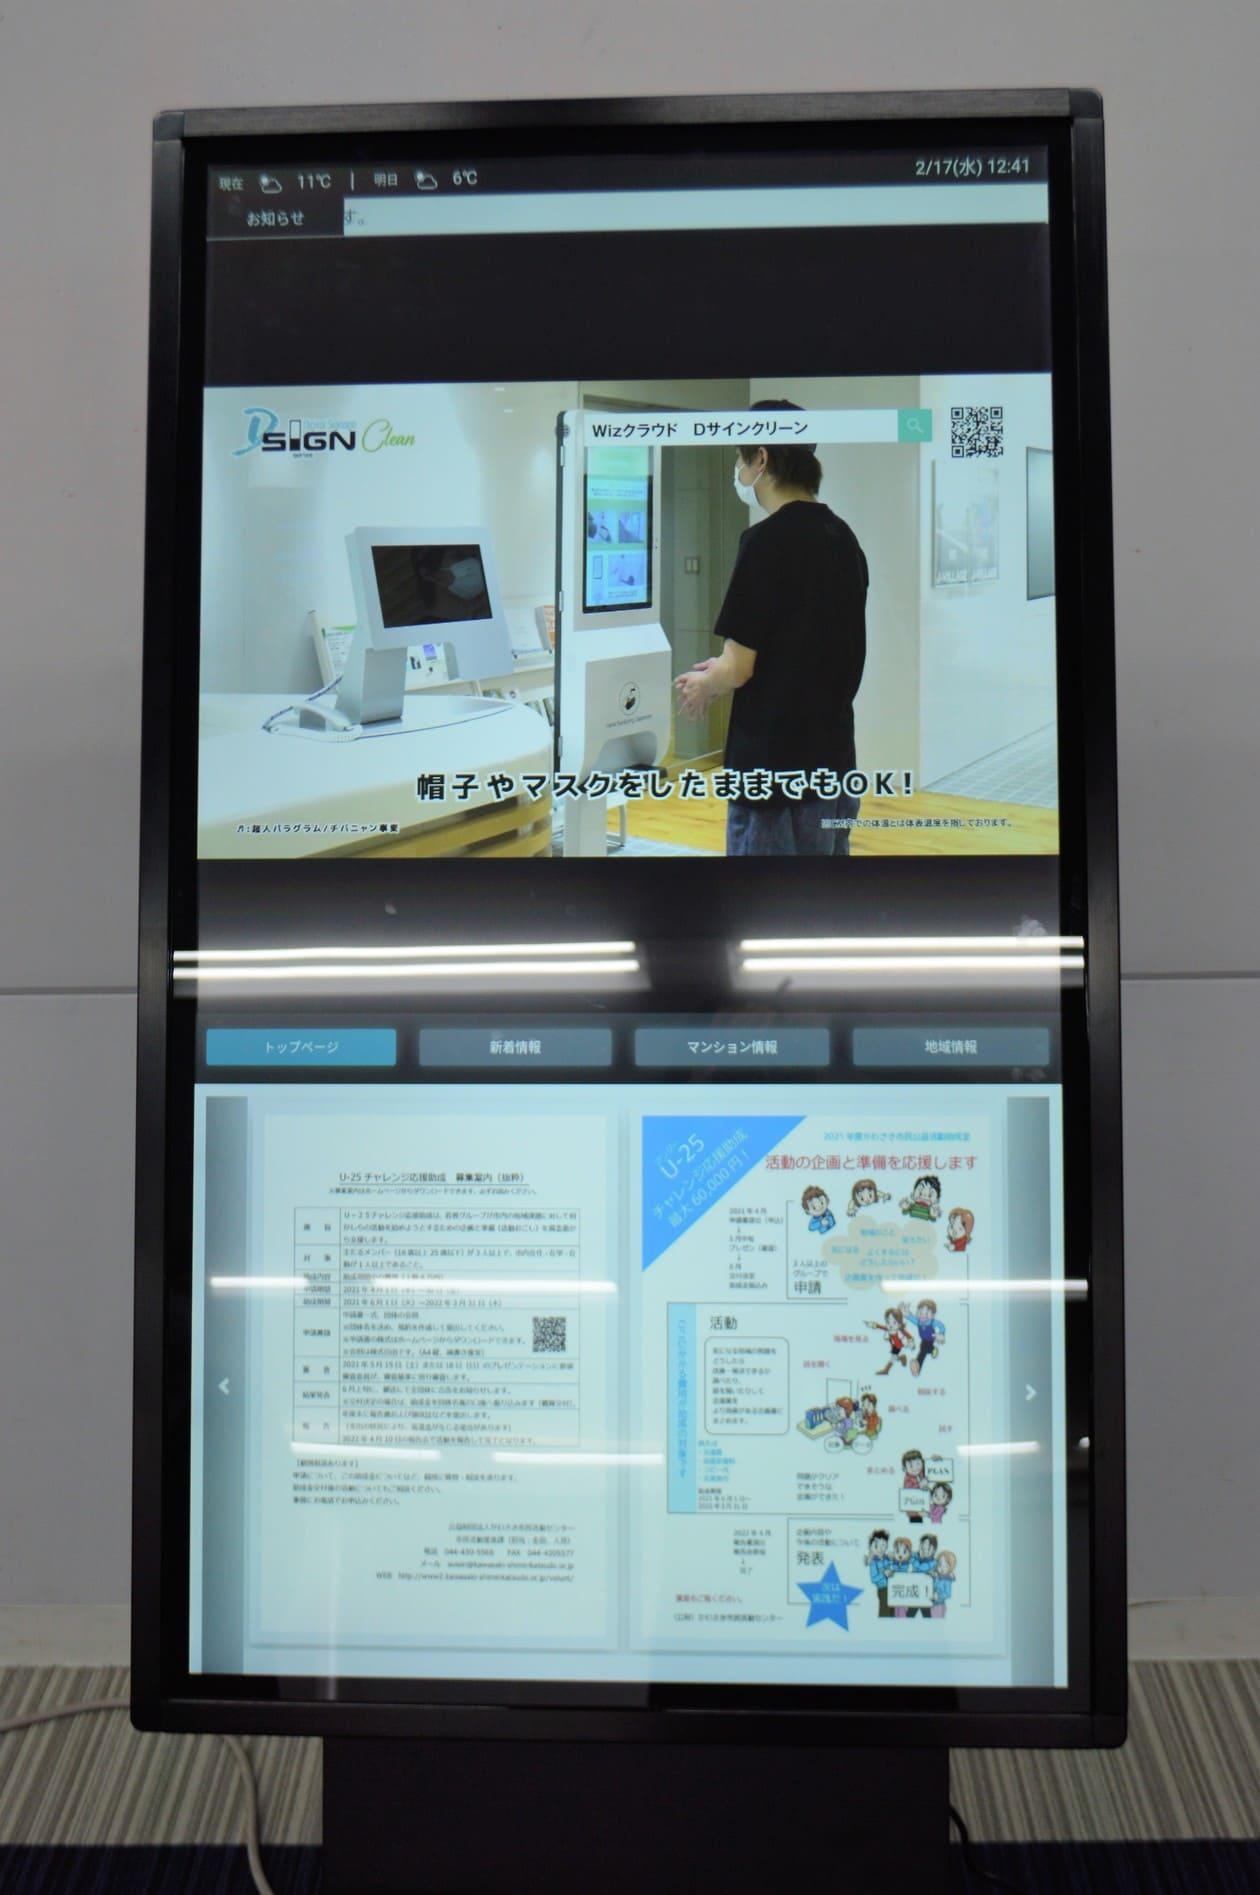 フォーカスチャネル、デジタルサイネージの提案強化